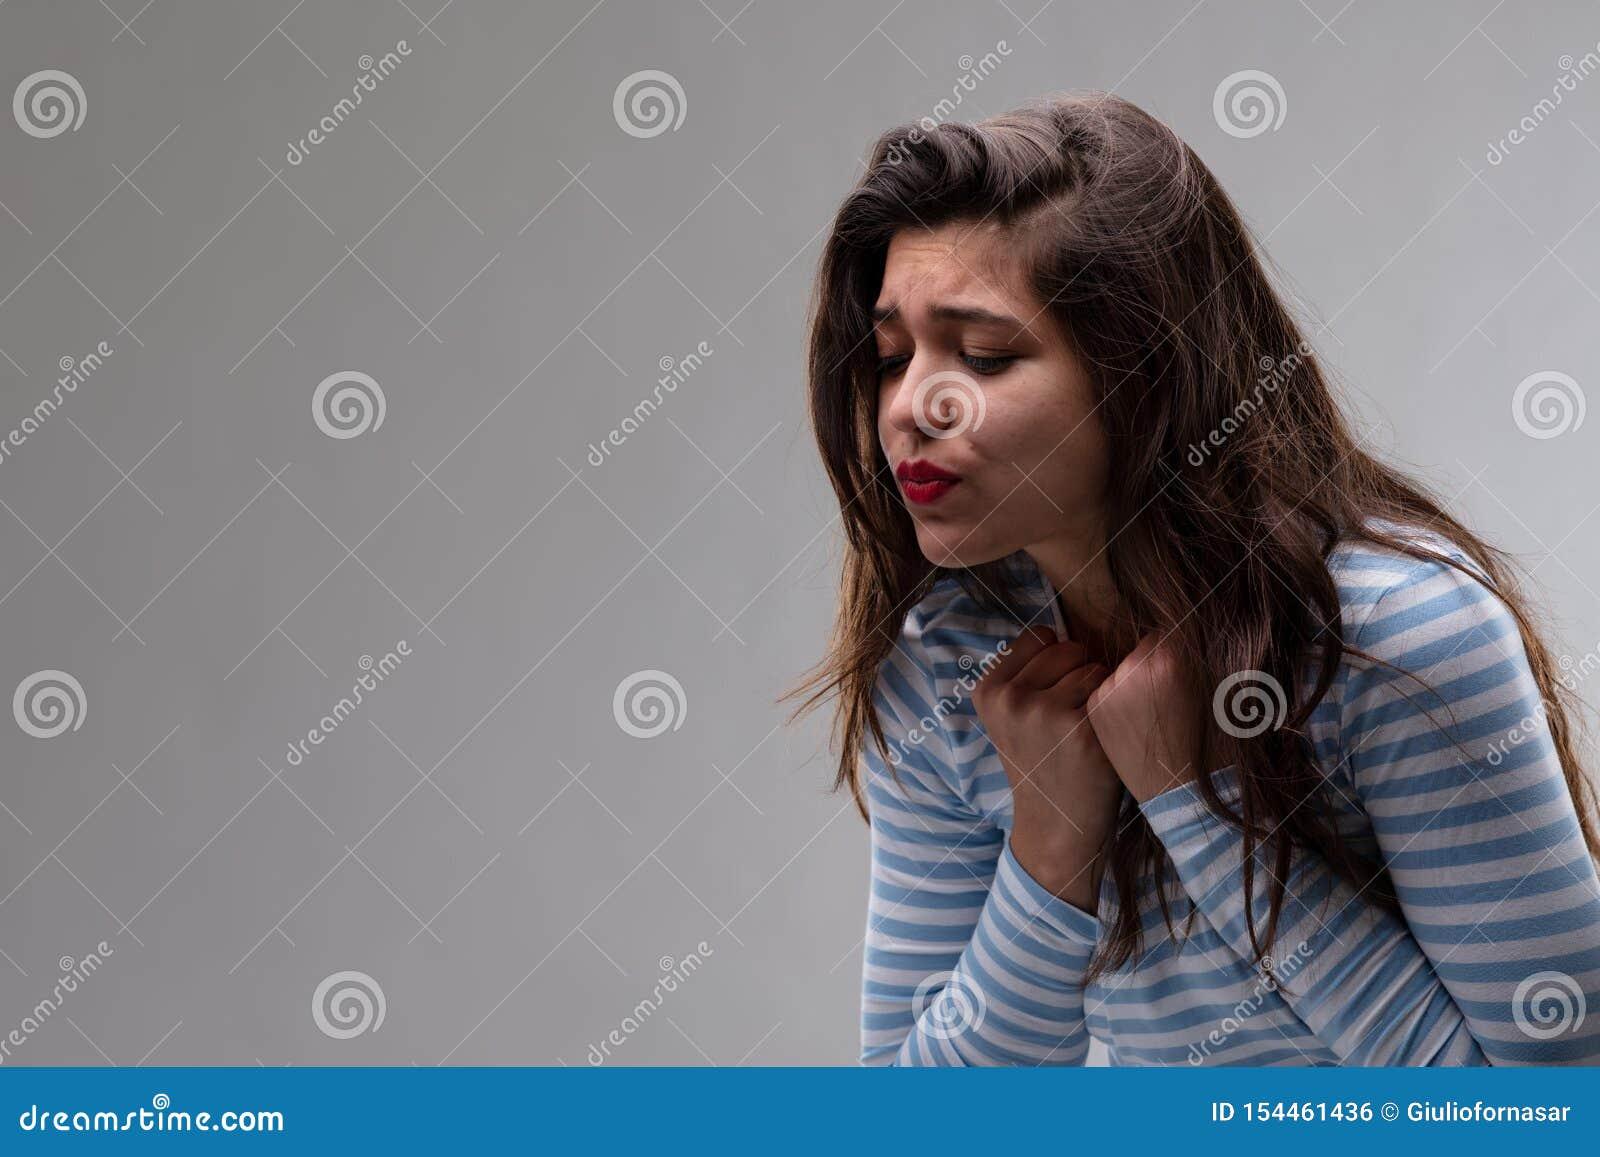 Mujer joven con una ansia apasionada